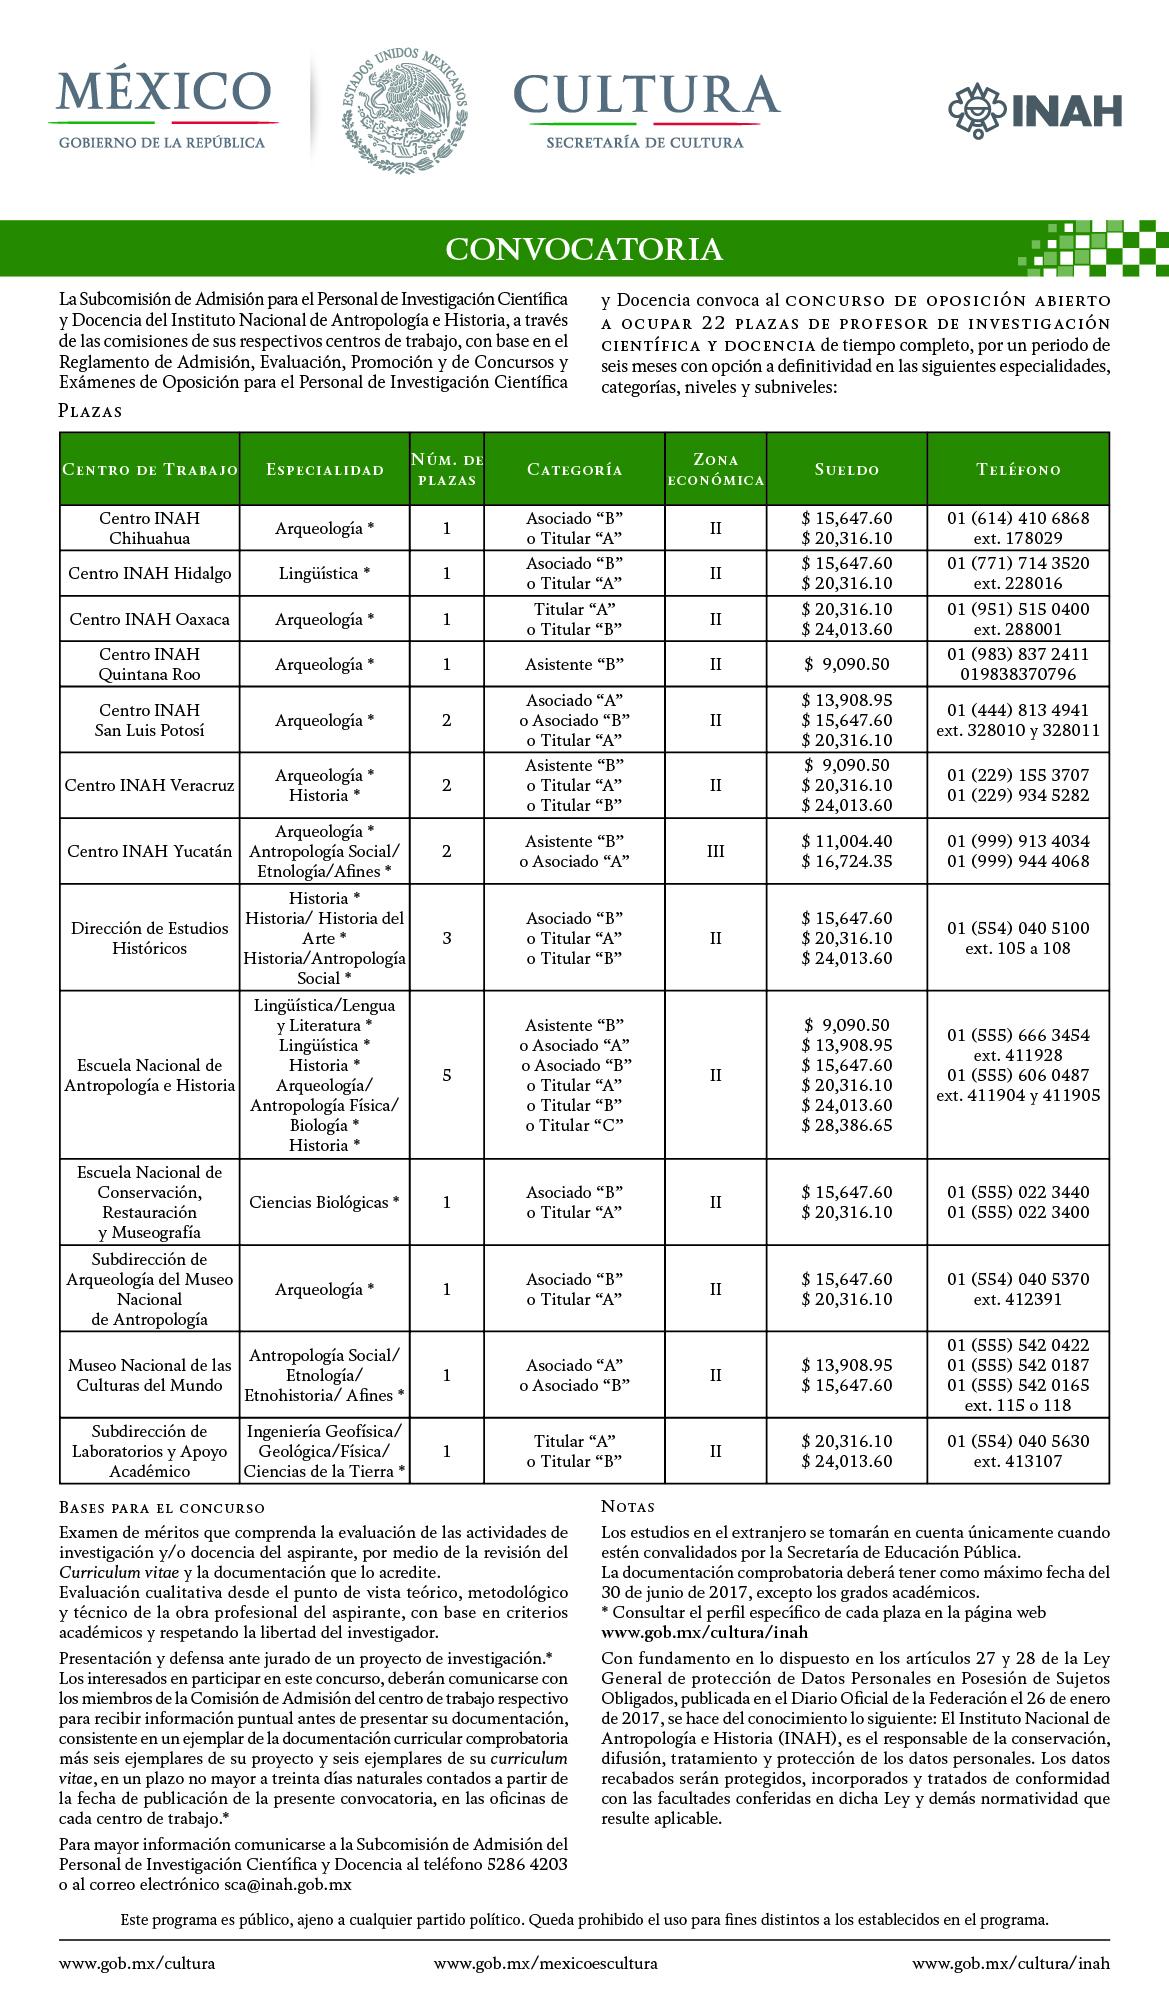 22 plazas de profesor investigador INAH